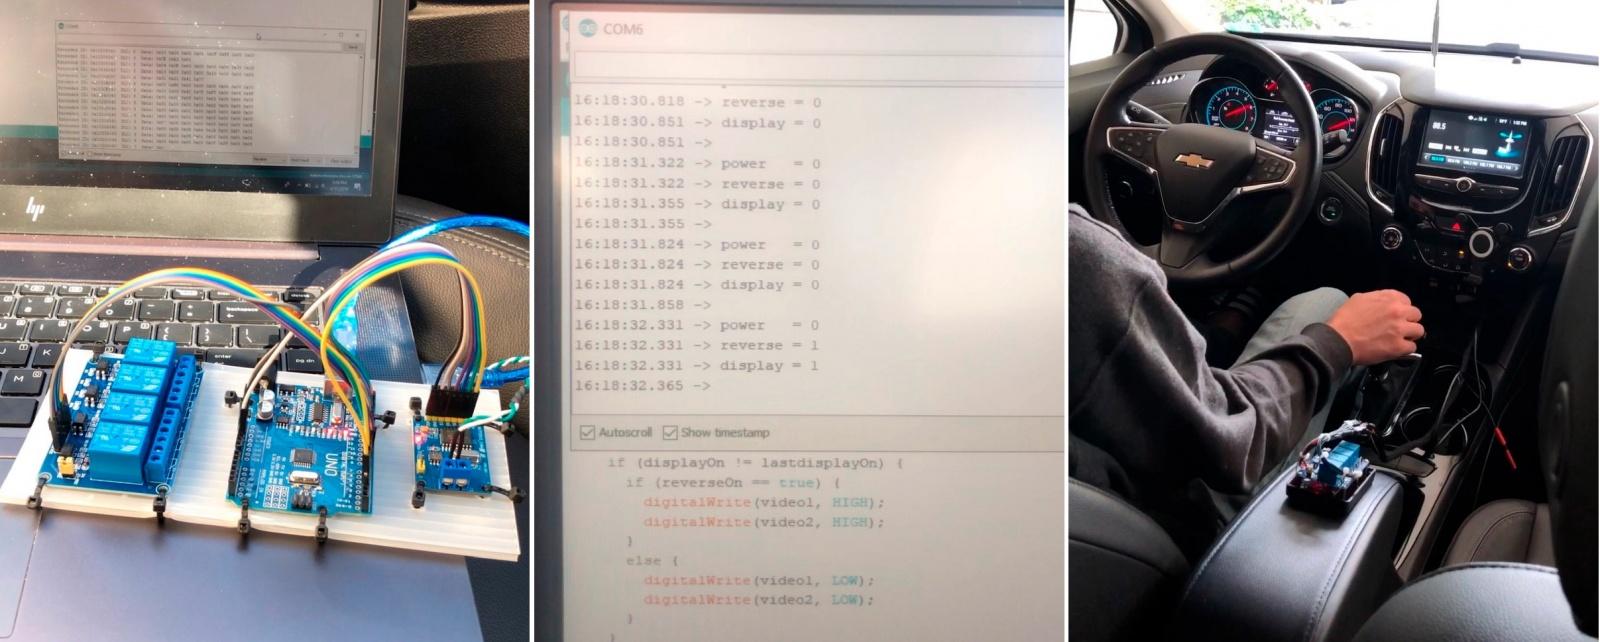 Как я добавил функции автомобилю по шине CAN, не умея программировать - 1